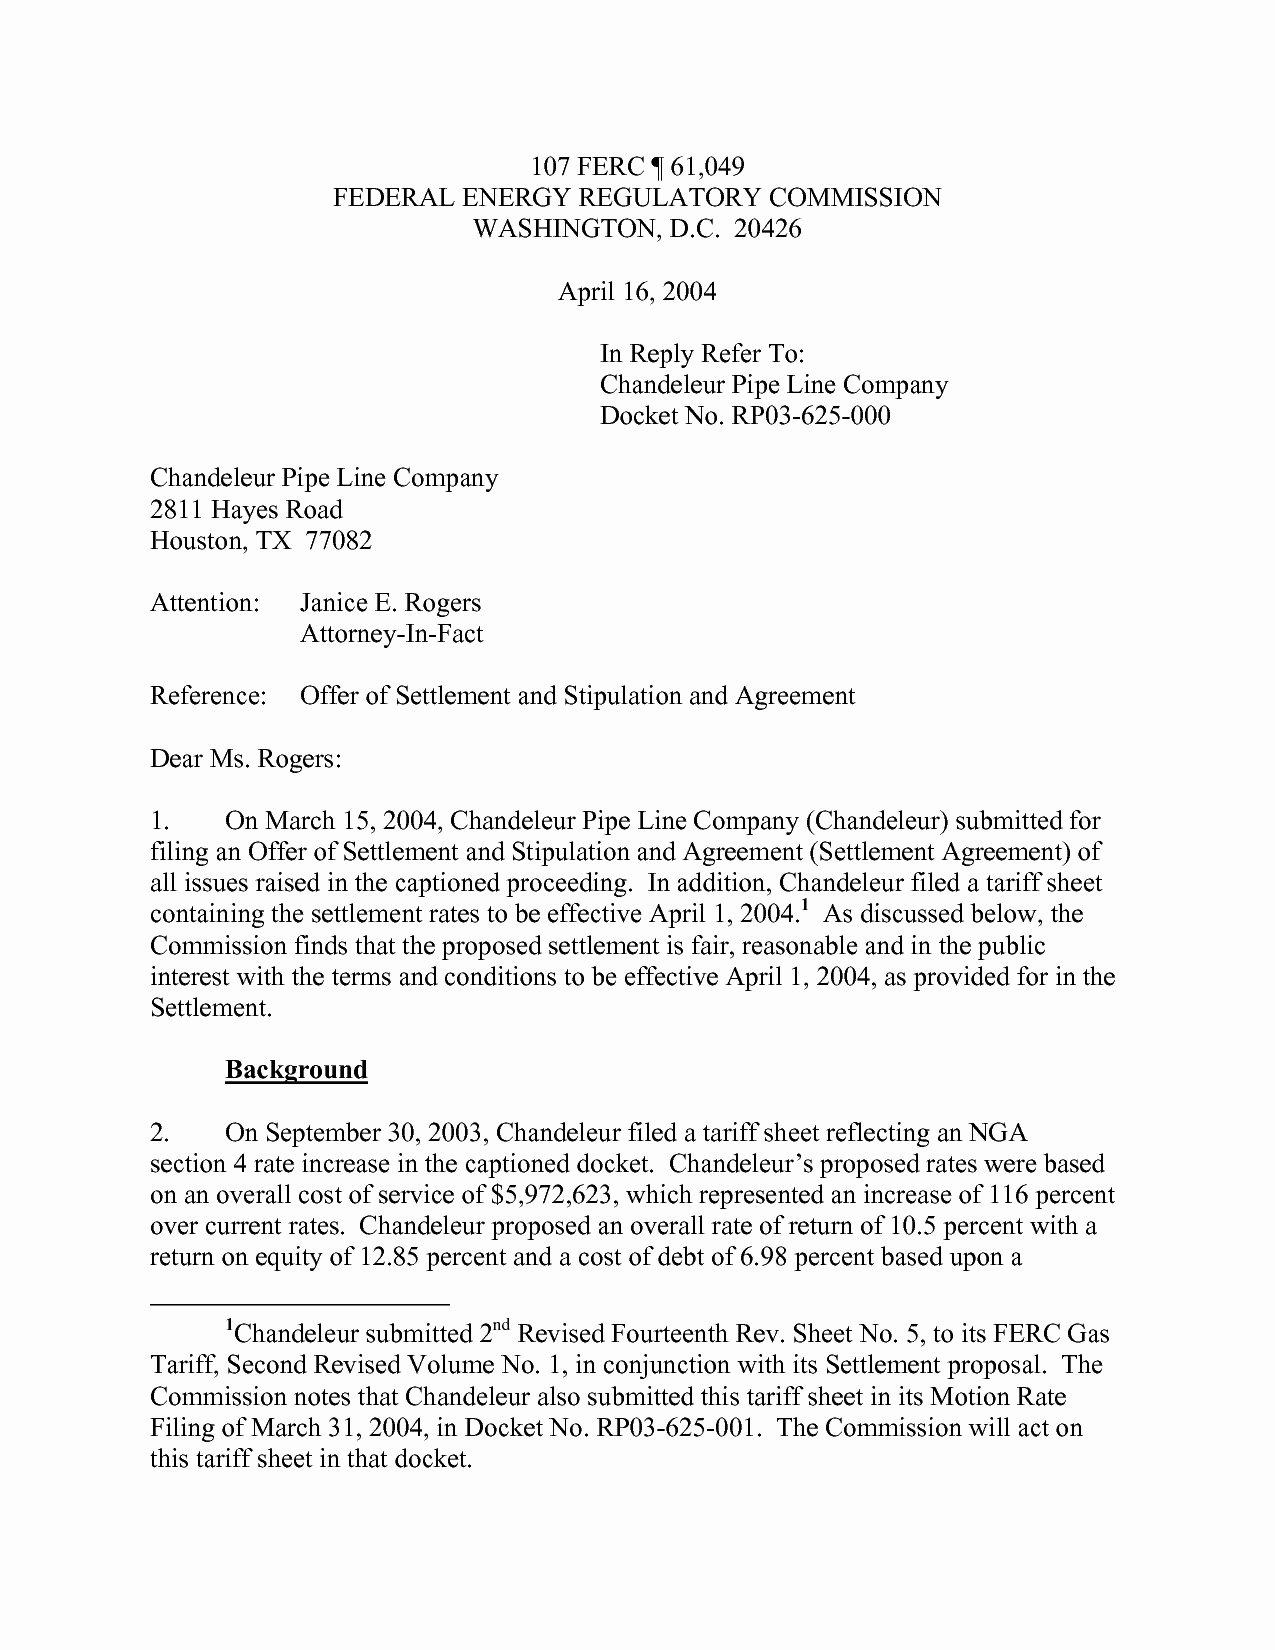 Auto Accident Settlement Agreement Sample New Legal Settlement Fer Letter Template Sample